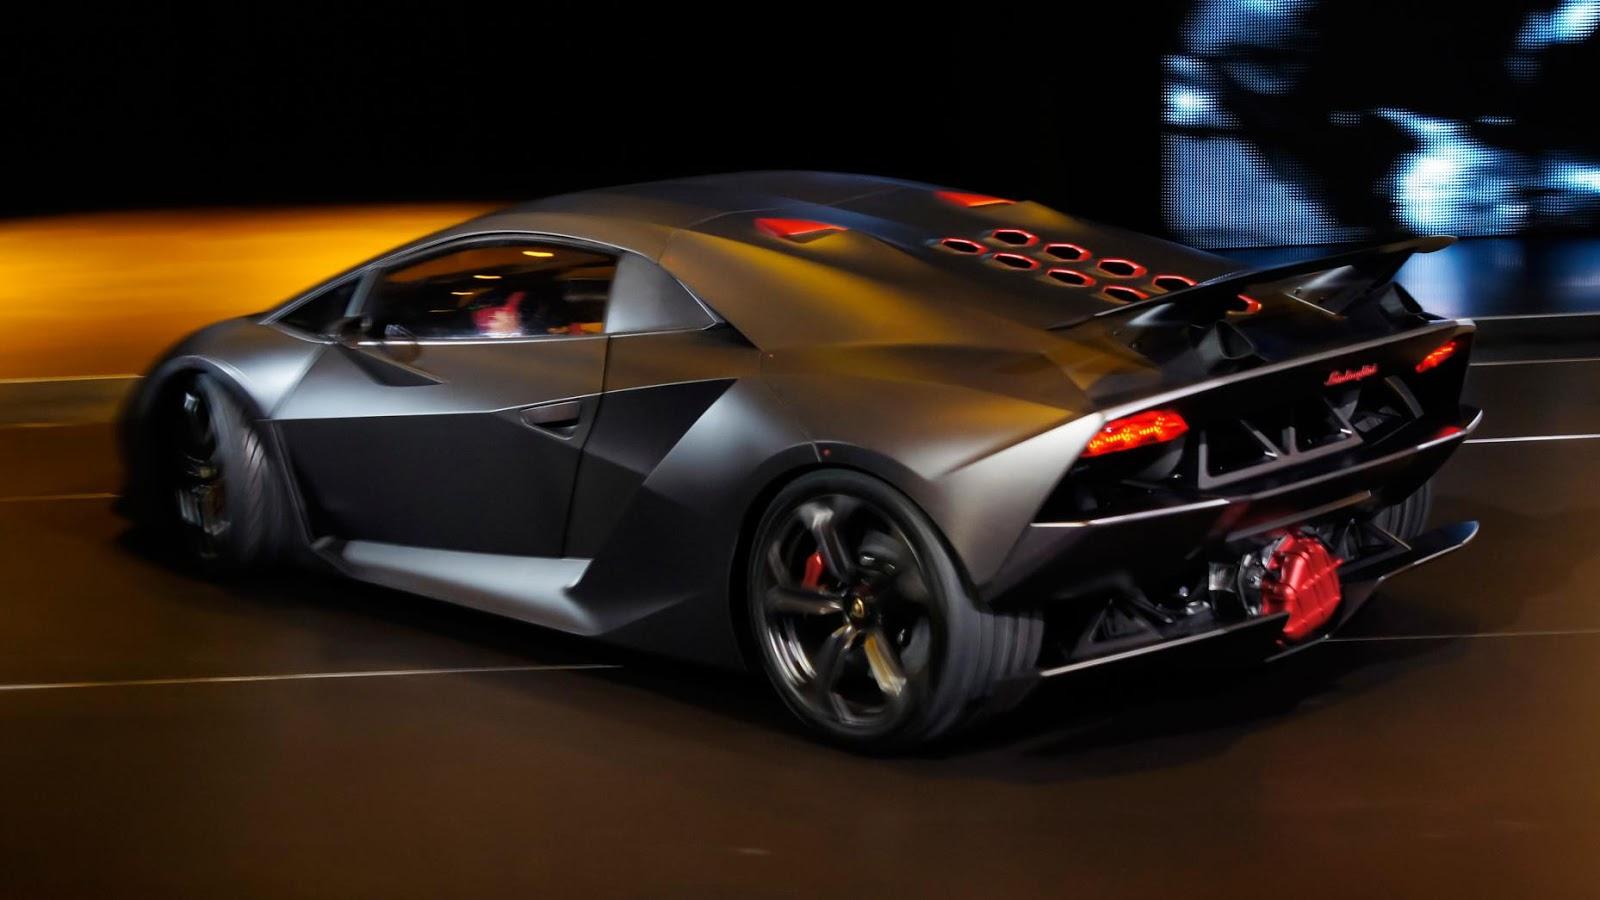 Lamborghini Sesto Elemento sức mạnh 512  mã lực